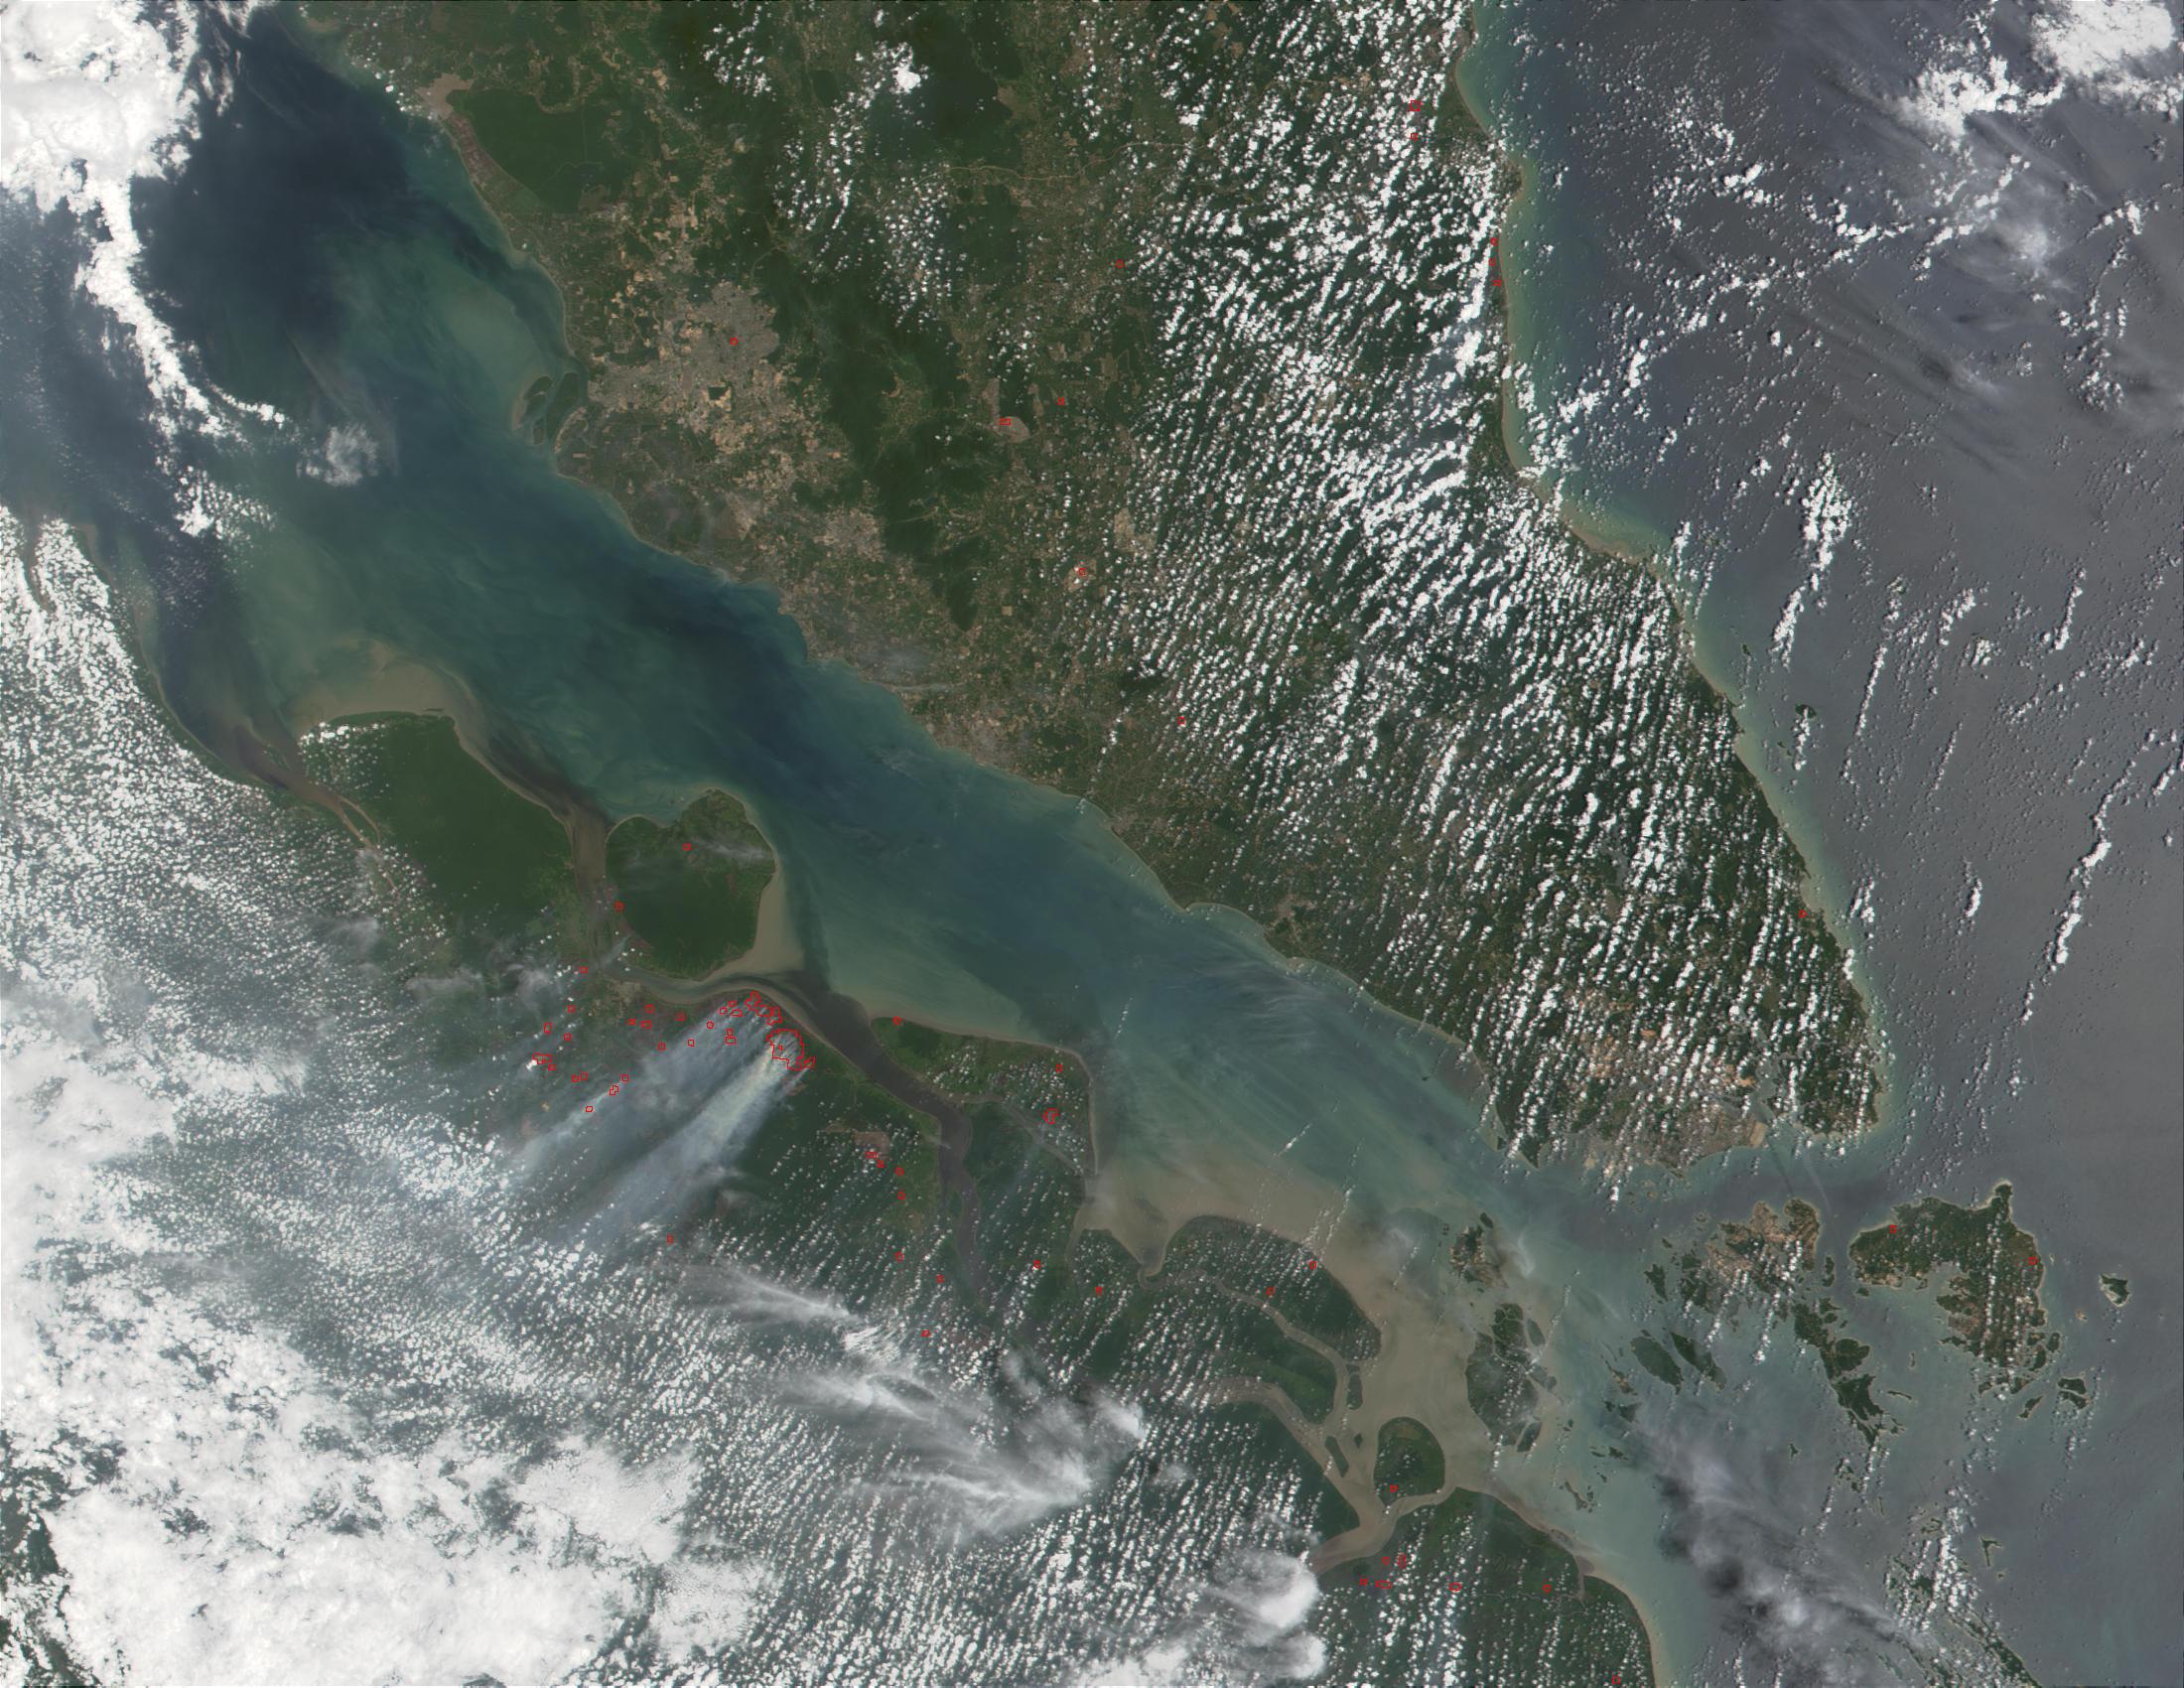 Incendios y humo espeso en Sumatra